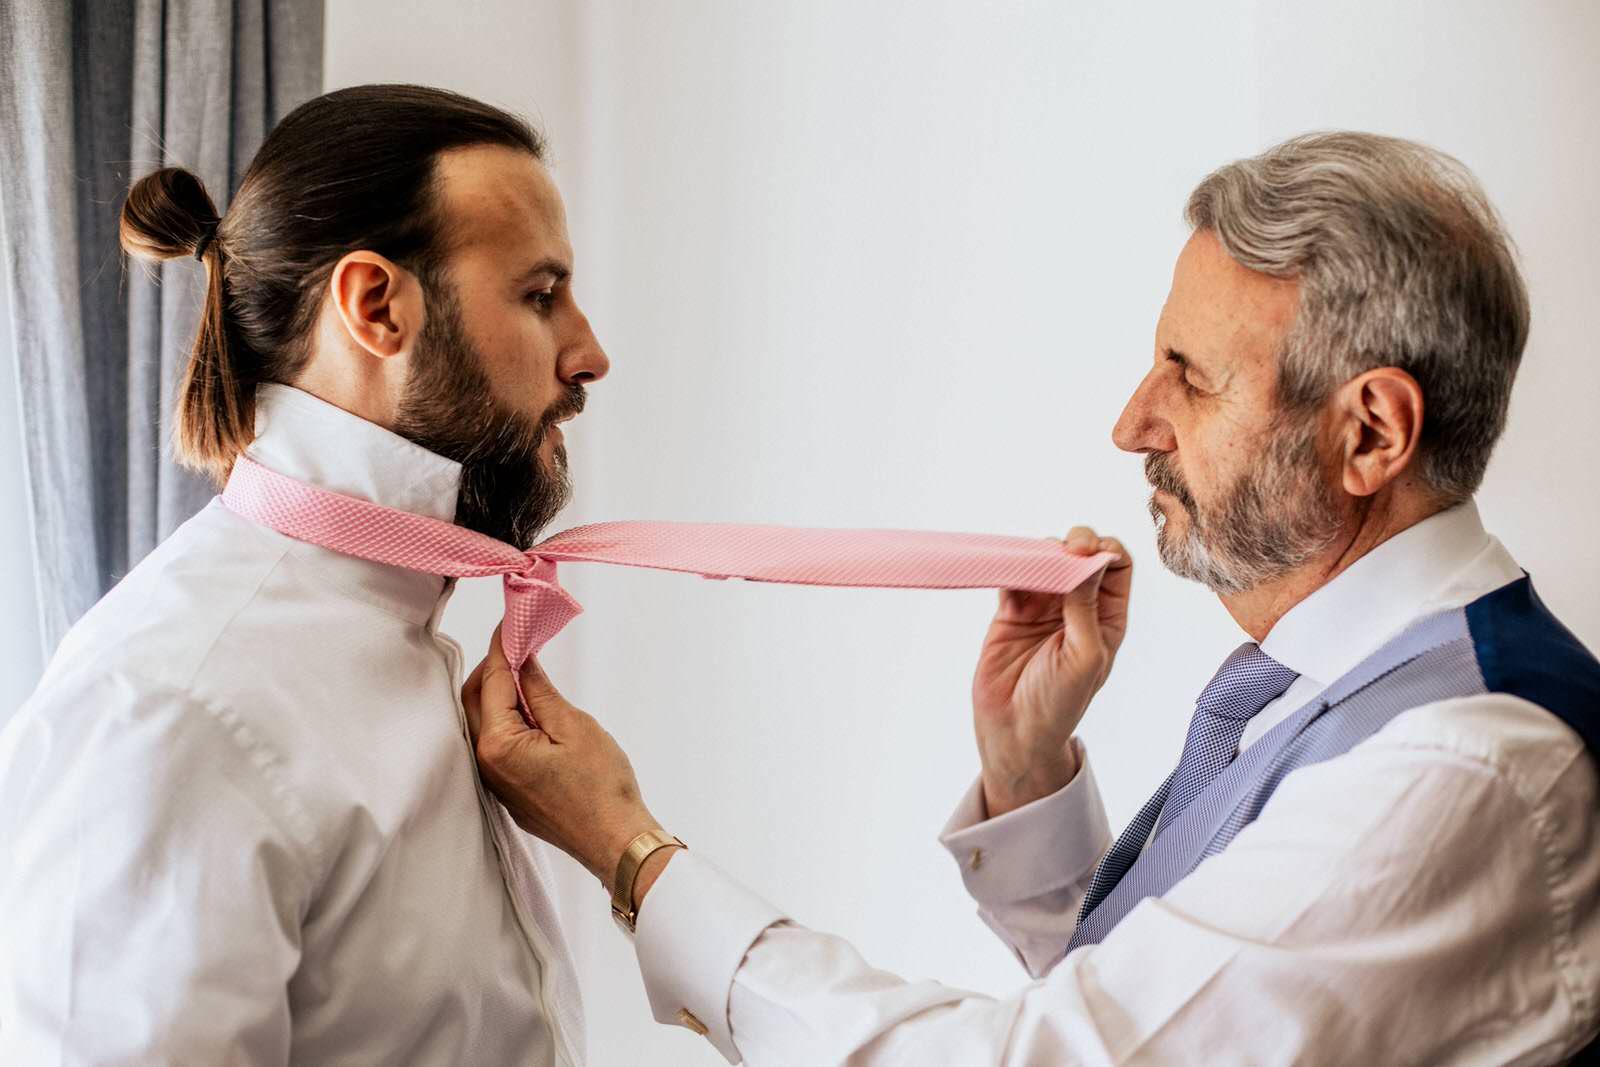 Padre ayudando a su hijo colocando la corbata en la boda